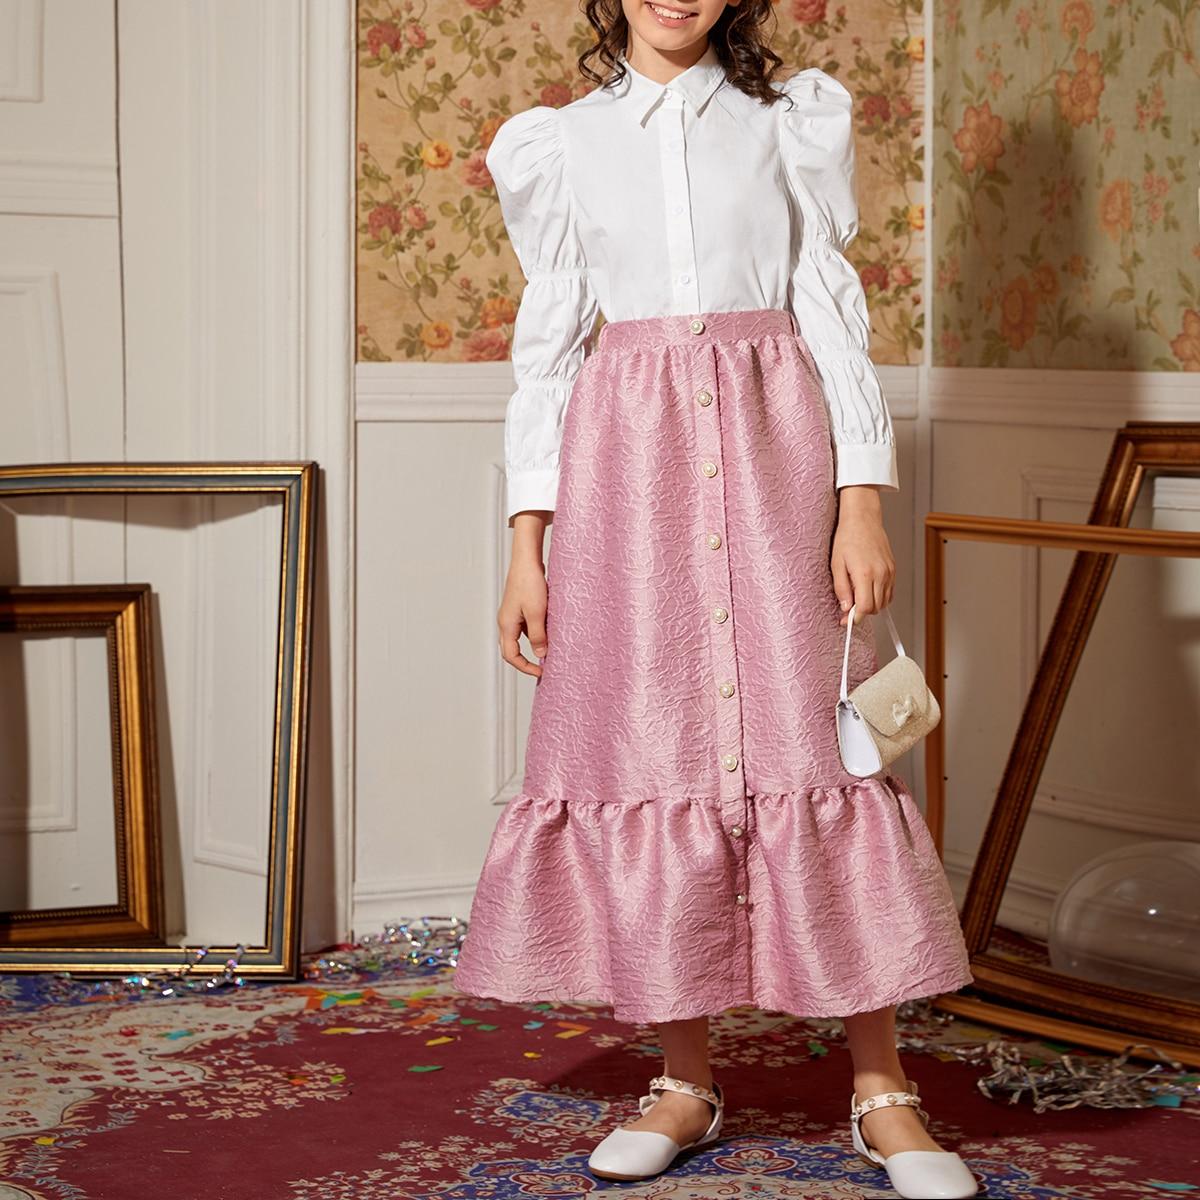 Жаккардовая юбка и блуза с оригинальным рукавом для девочек